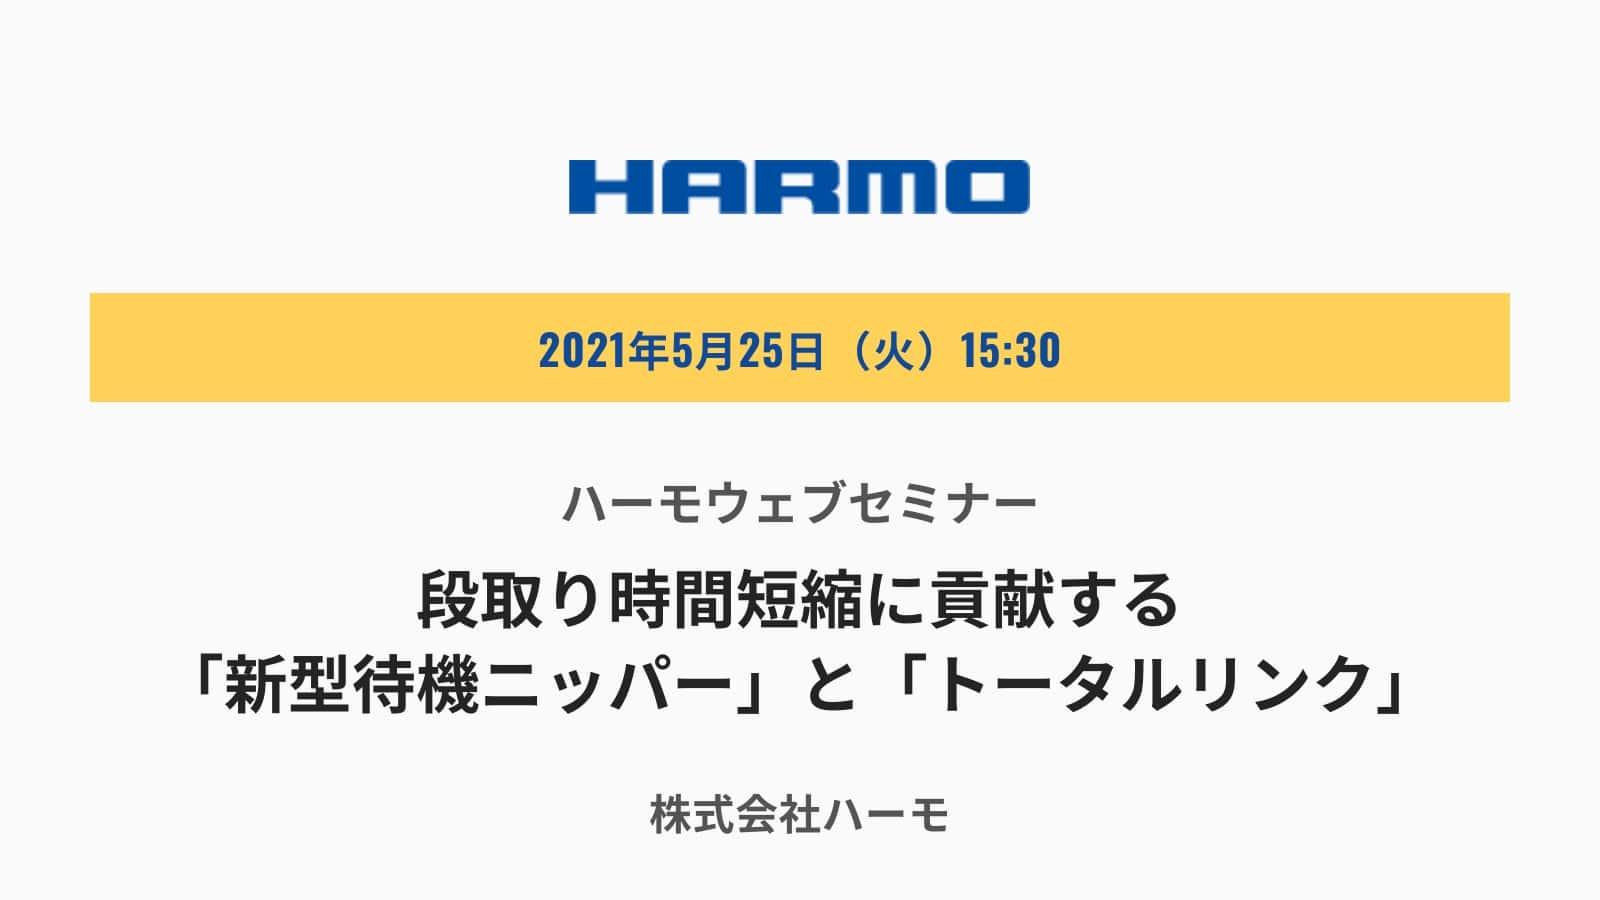 ハーモウェブセミナー『段取り時間短縮に貢献する新型待機ニッパーとトータルリンク』5/25(火)開催